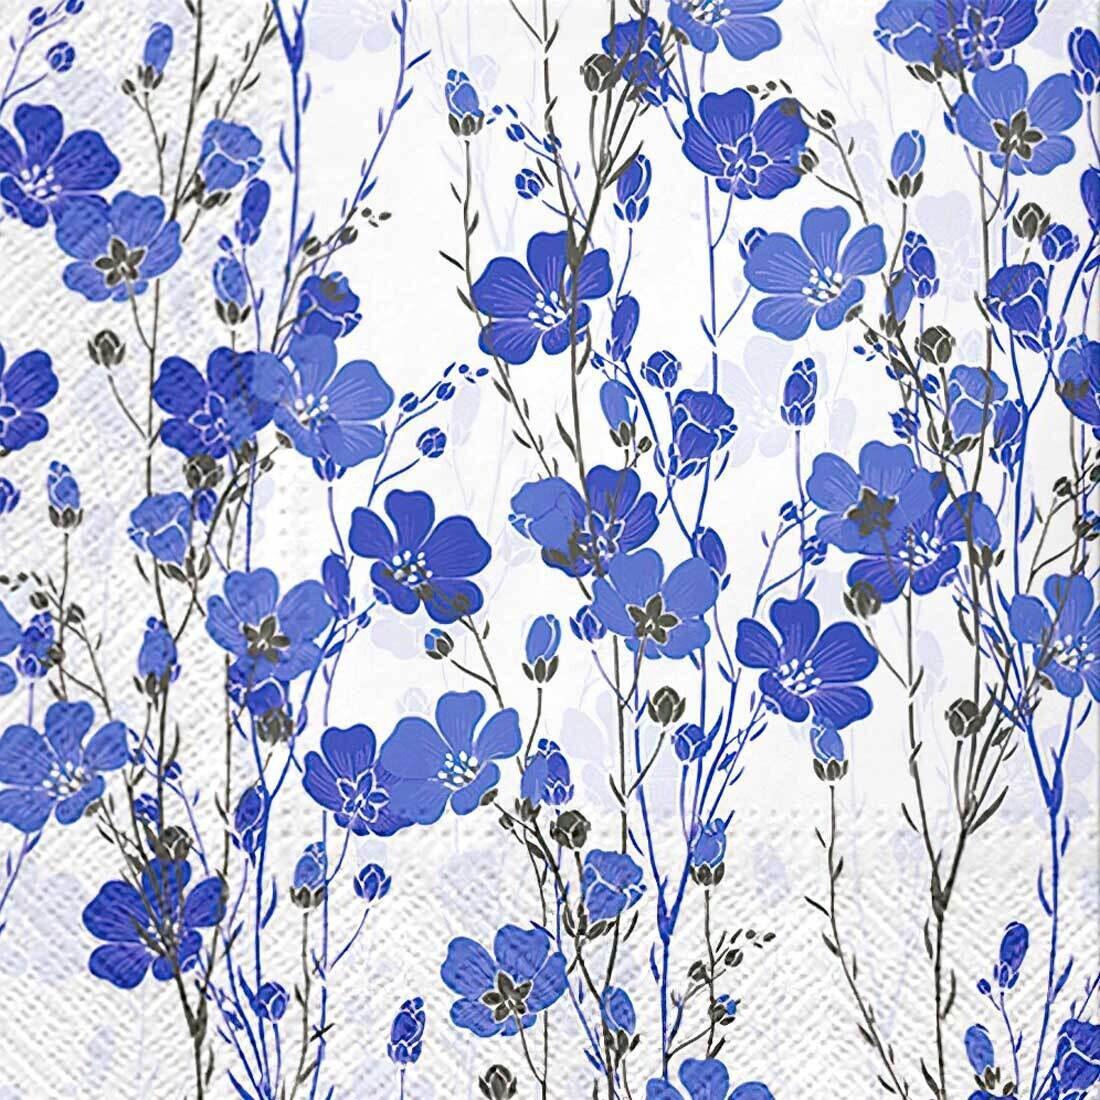 Decoupage Paper Napkins - Floral - Flax Plants (1 Sheet)